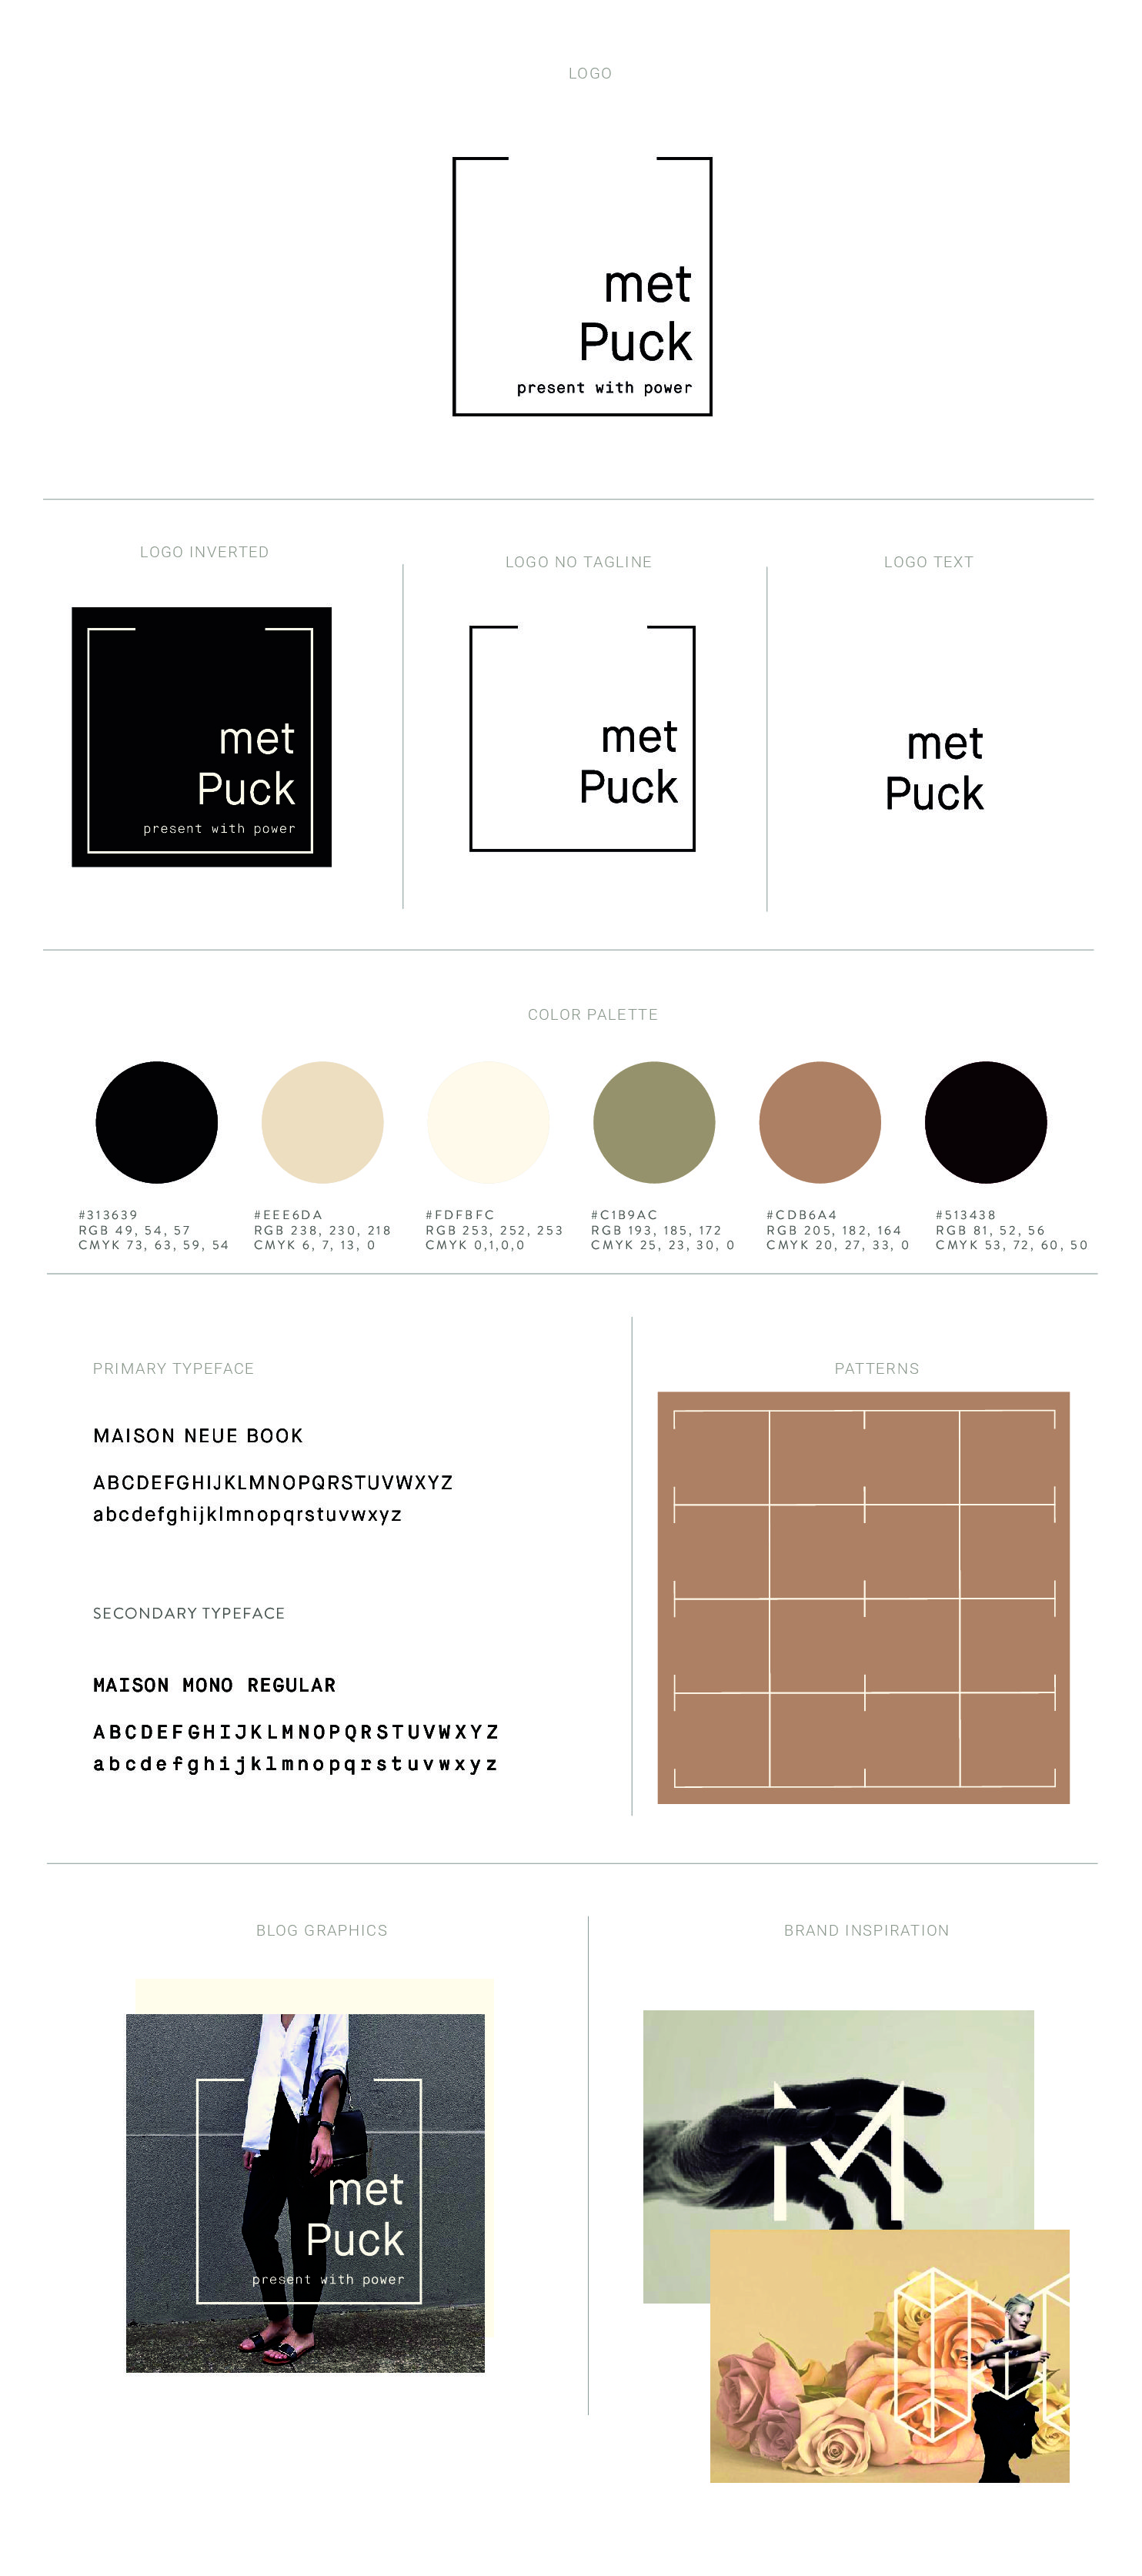 Brand-Guide-metPuck_V4